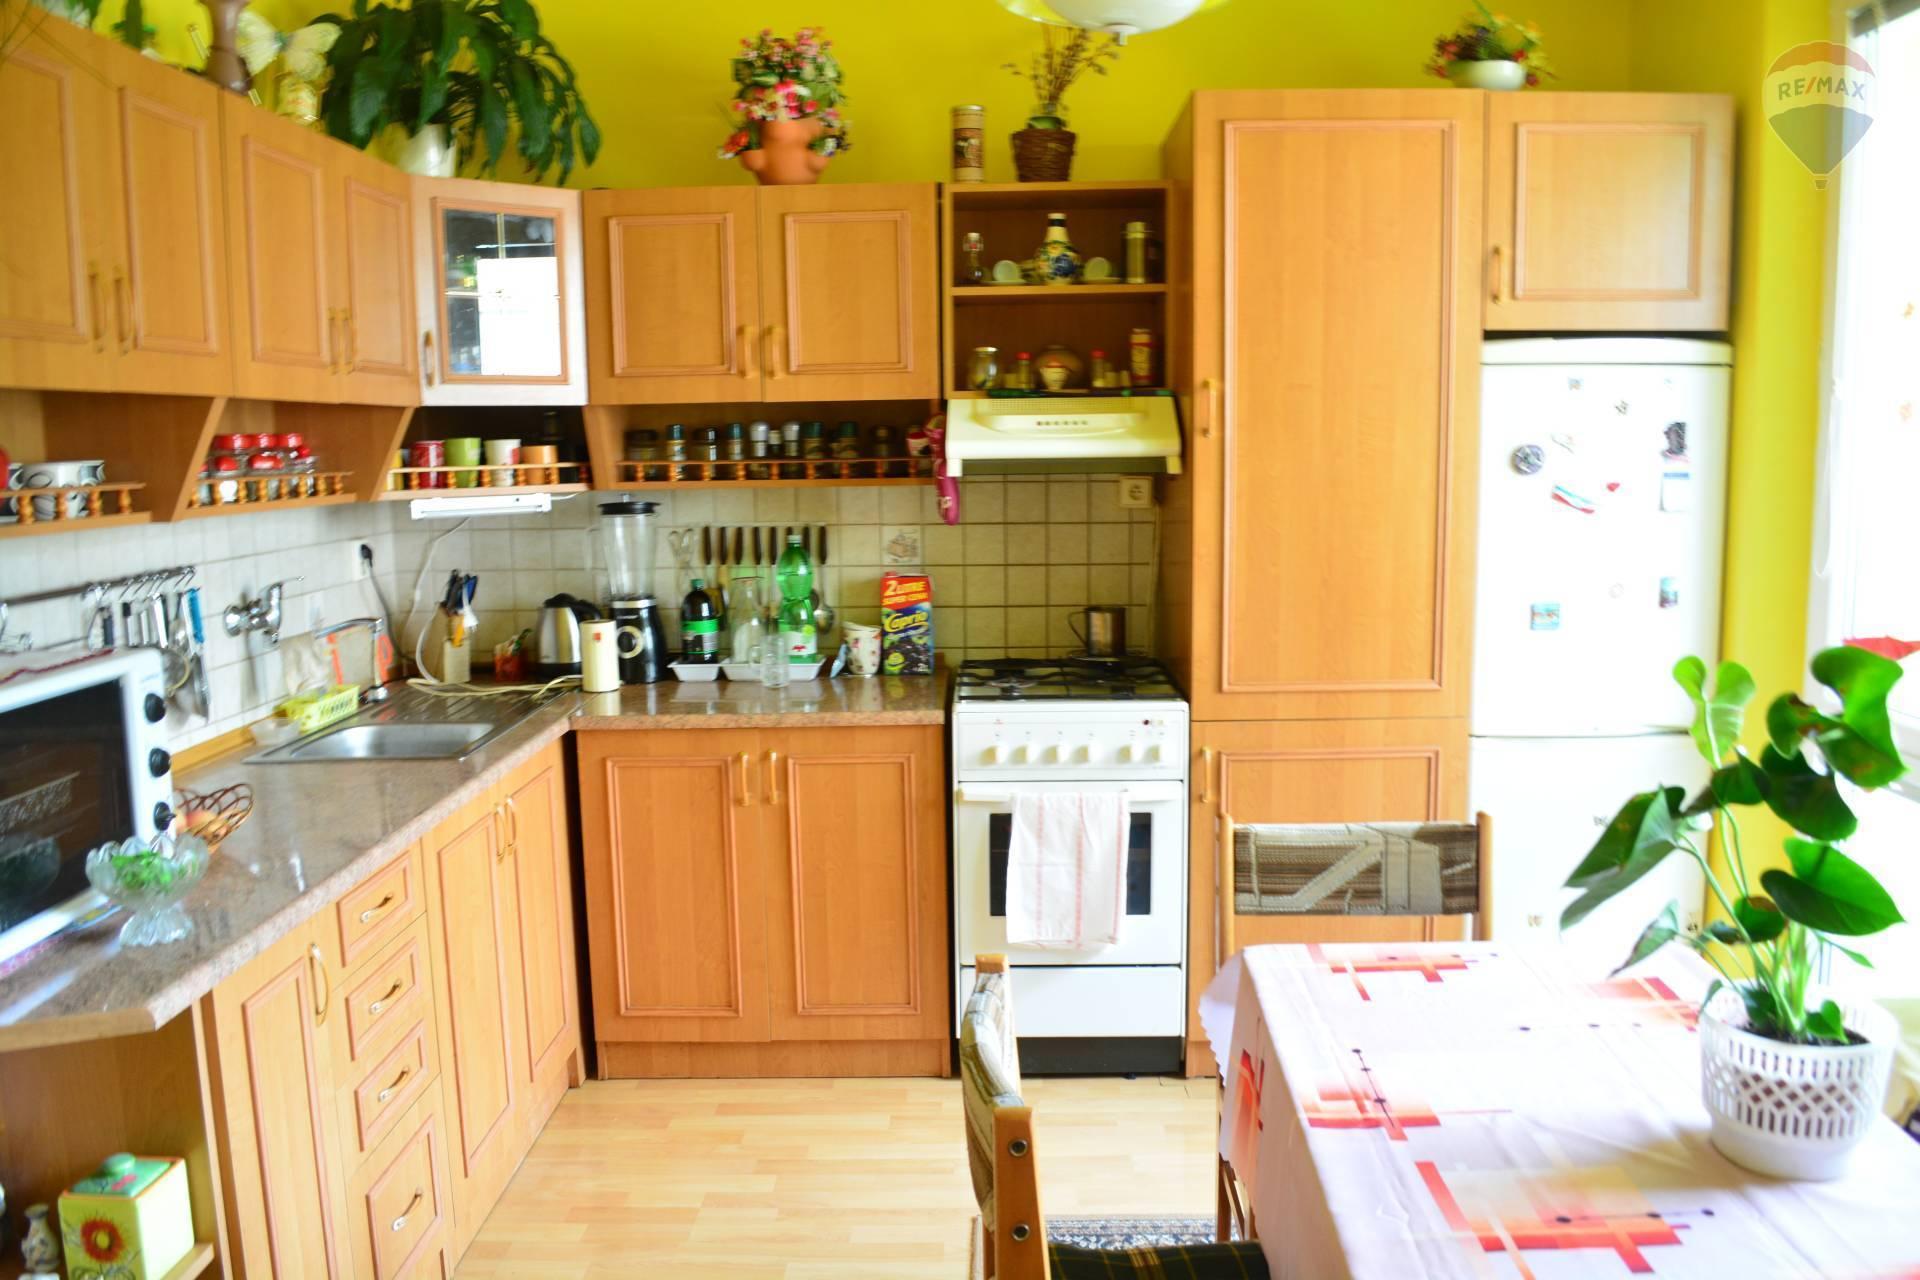 2 - izbový byt na predaj,  ul. Pod Lesom Kežmarok